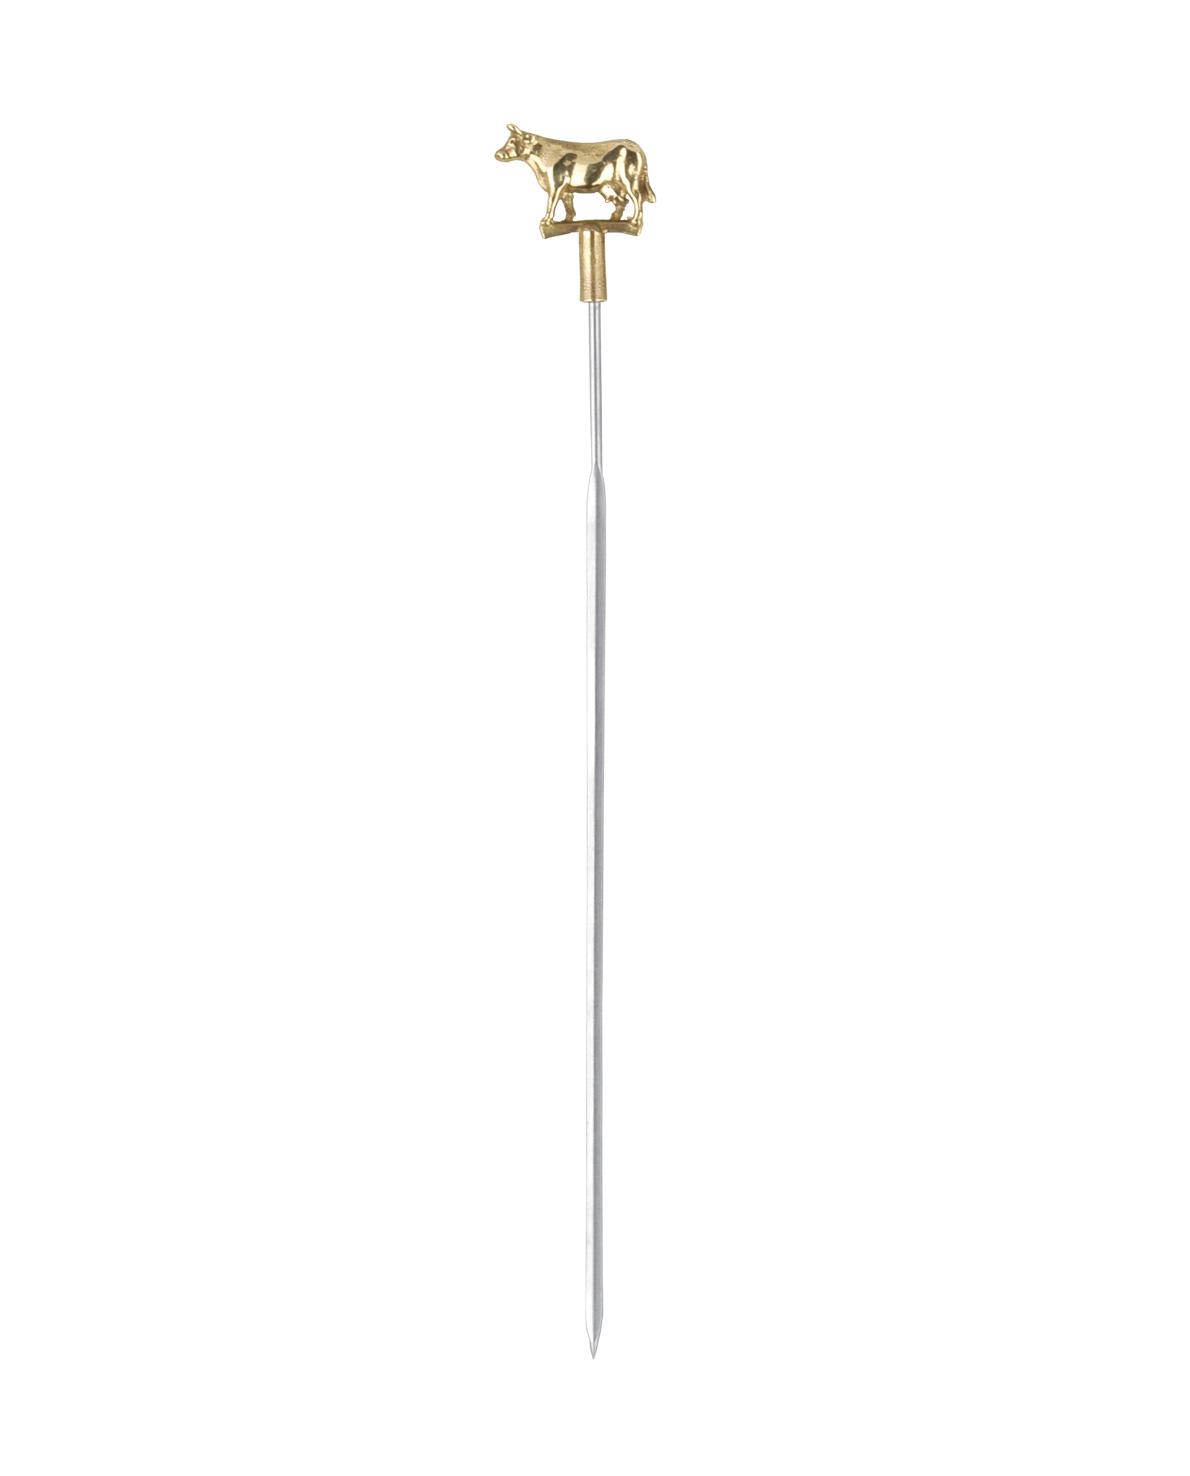 triangle Grillspieß Rind Kuh Ochse mit Bronzekopf Made in Germany spitz Edelstahl flach